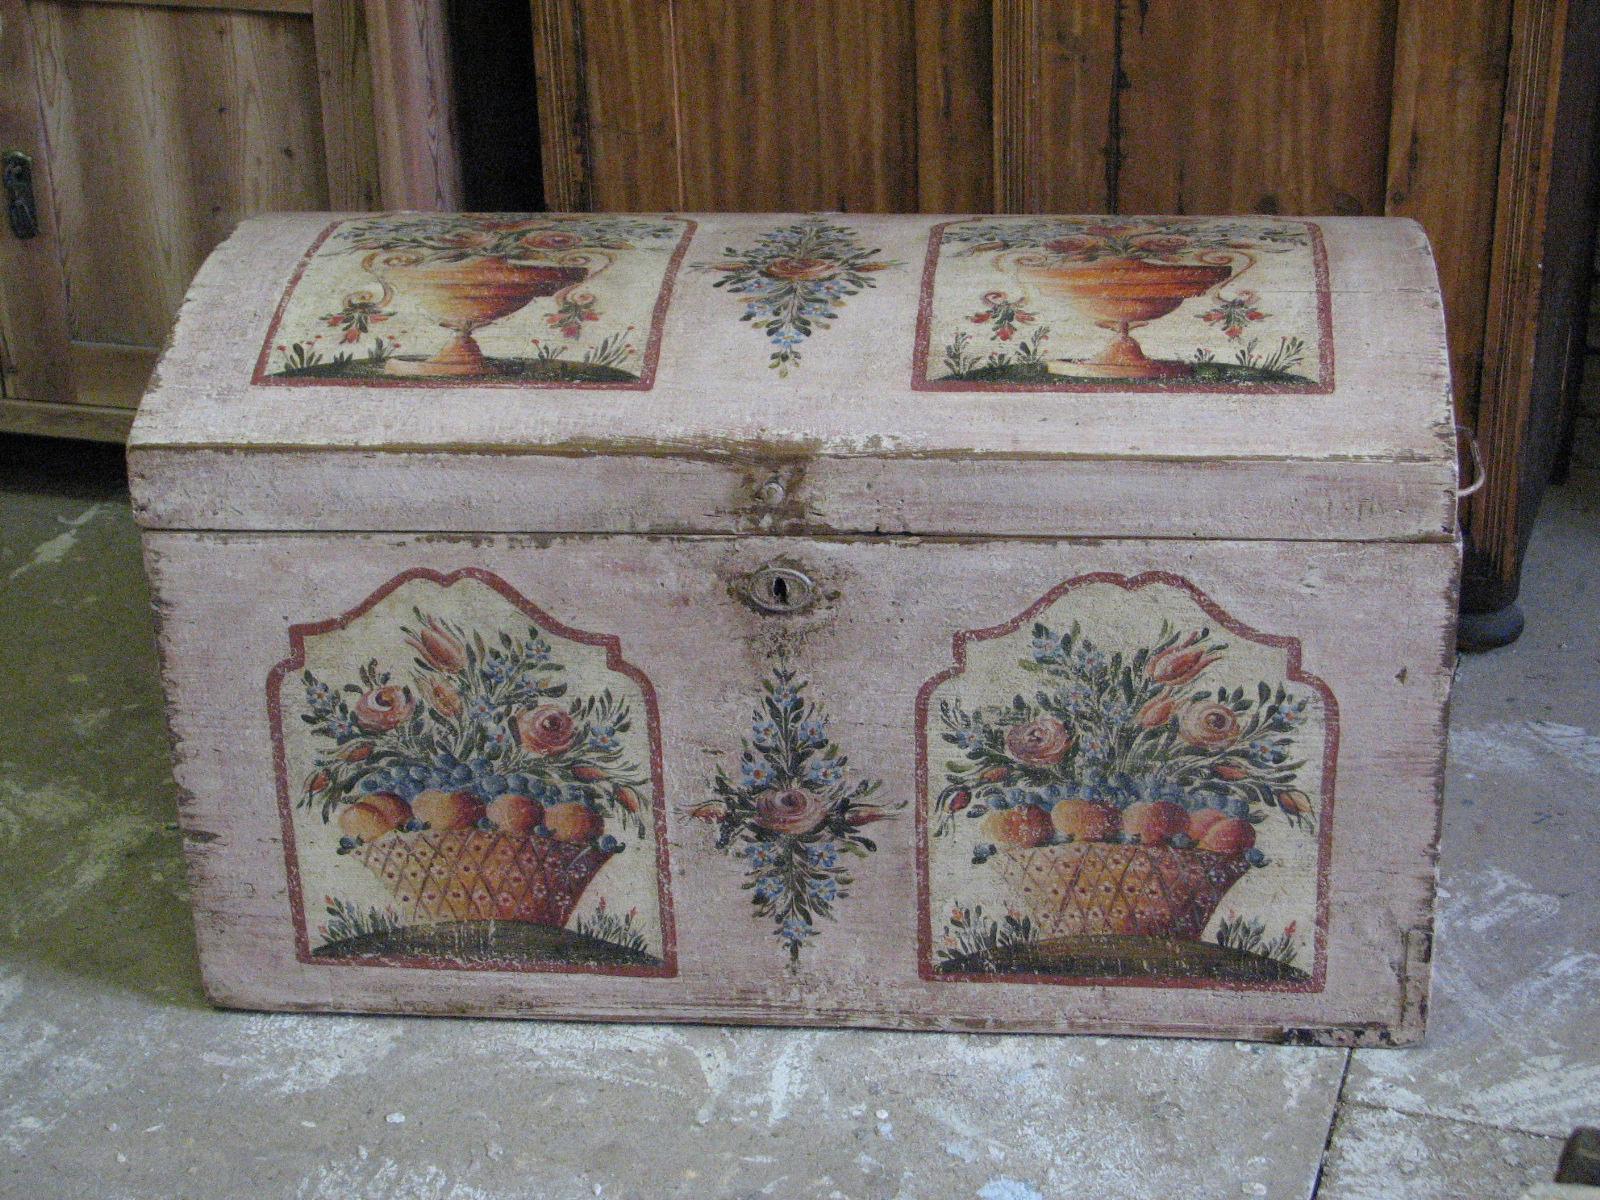 Malovaná truhla v růžové barvě s květinami a košíkem s ovocem